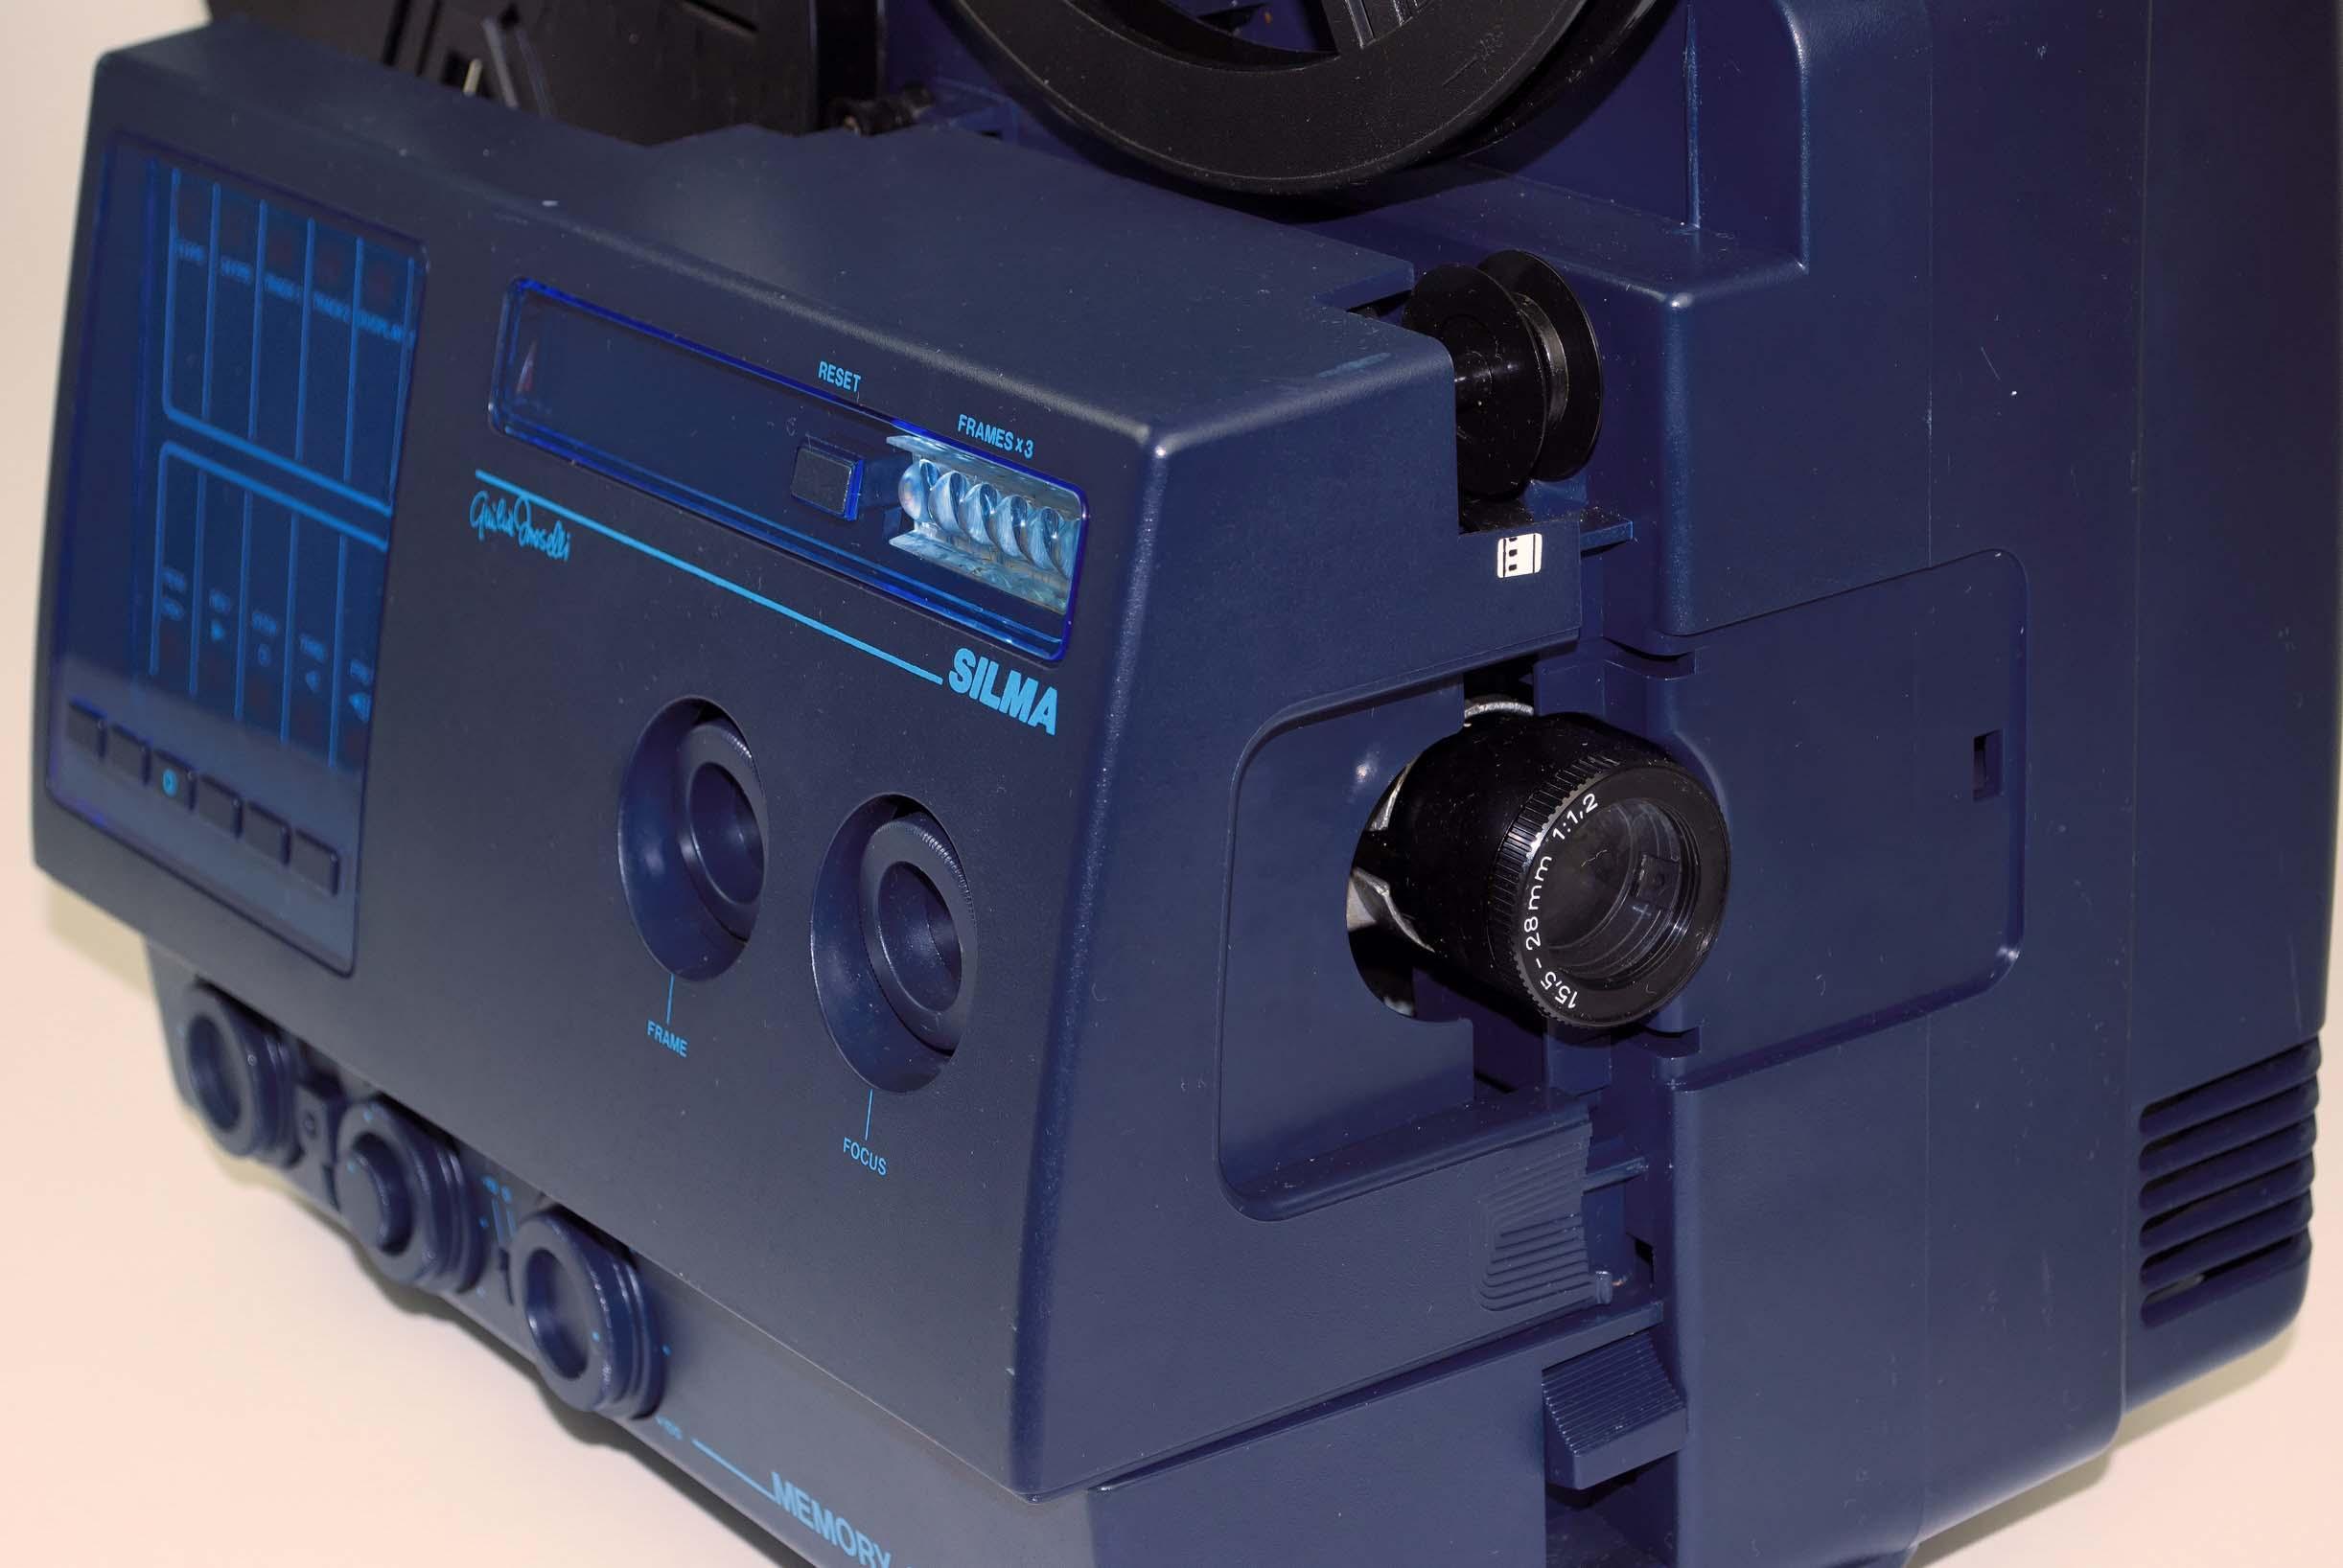 Silma Memory 90 Stereo